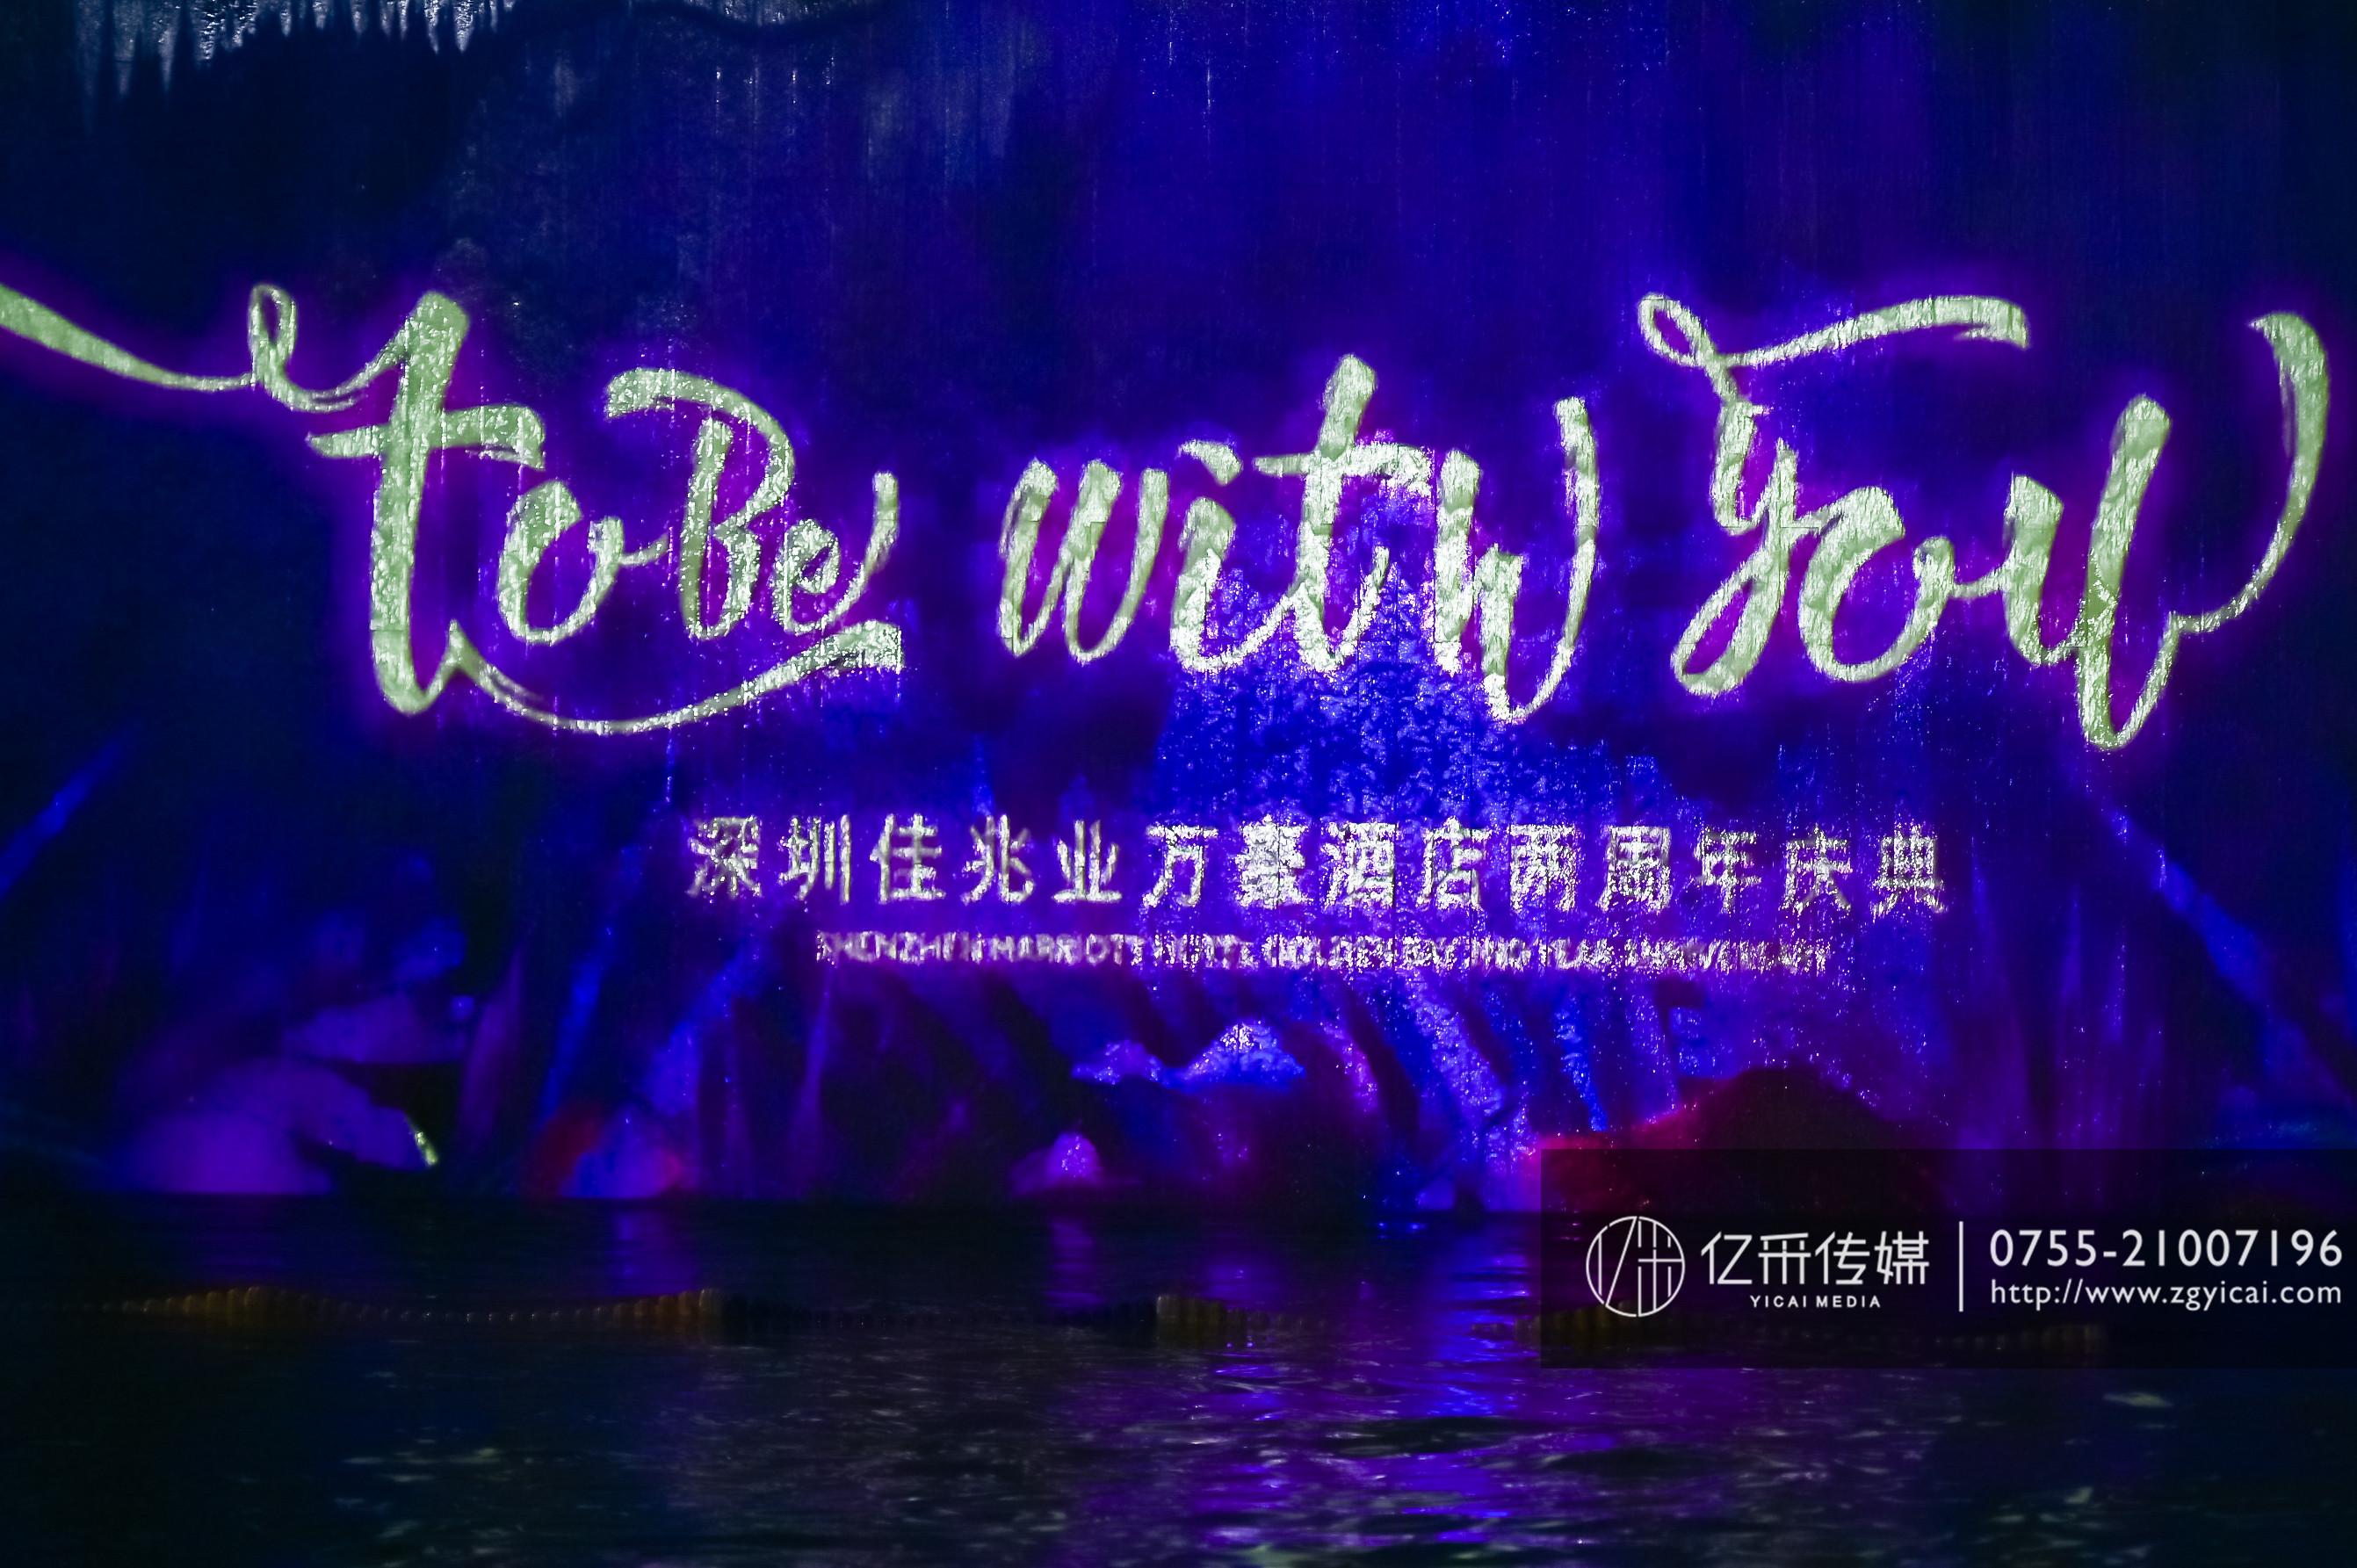 深圳·佳兆业万豪酒店2周年派对